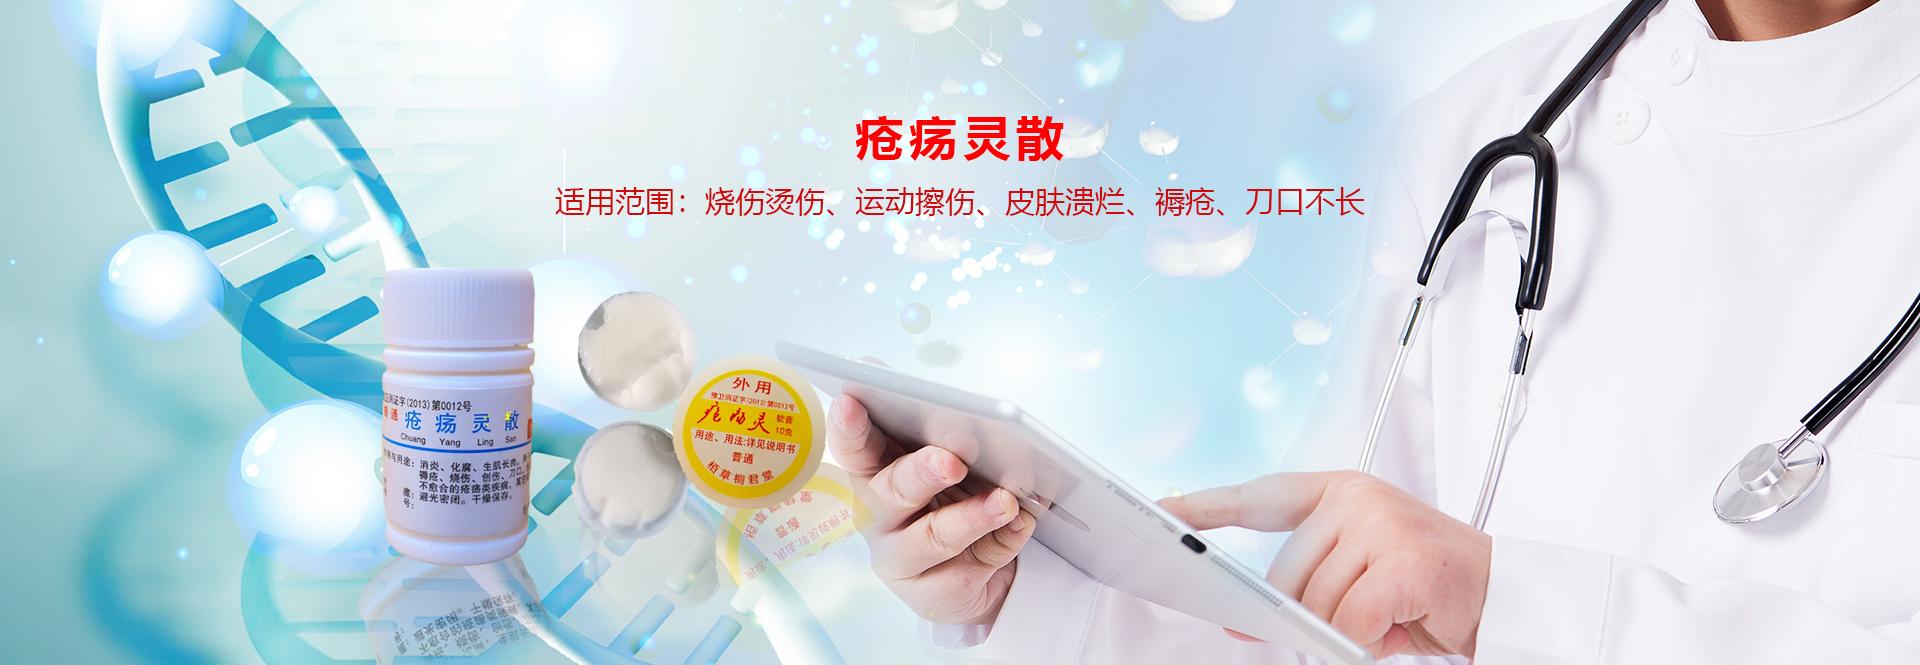 河南桐君堂生物科技有限公司